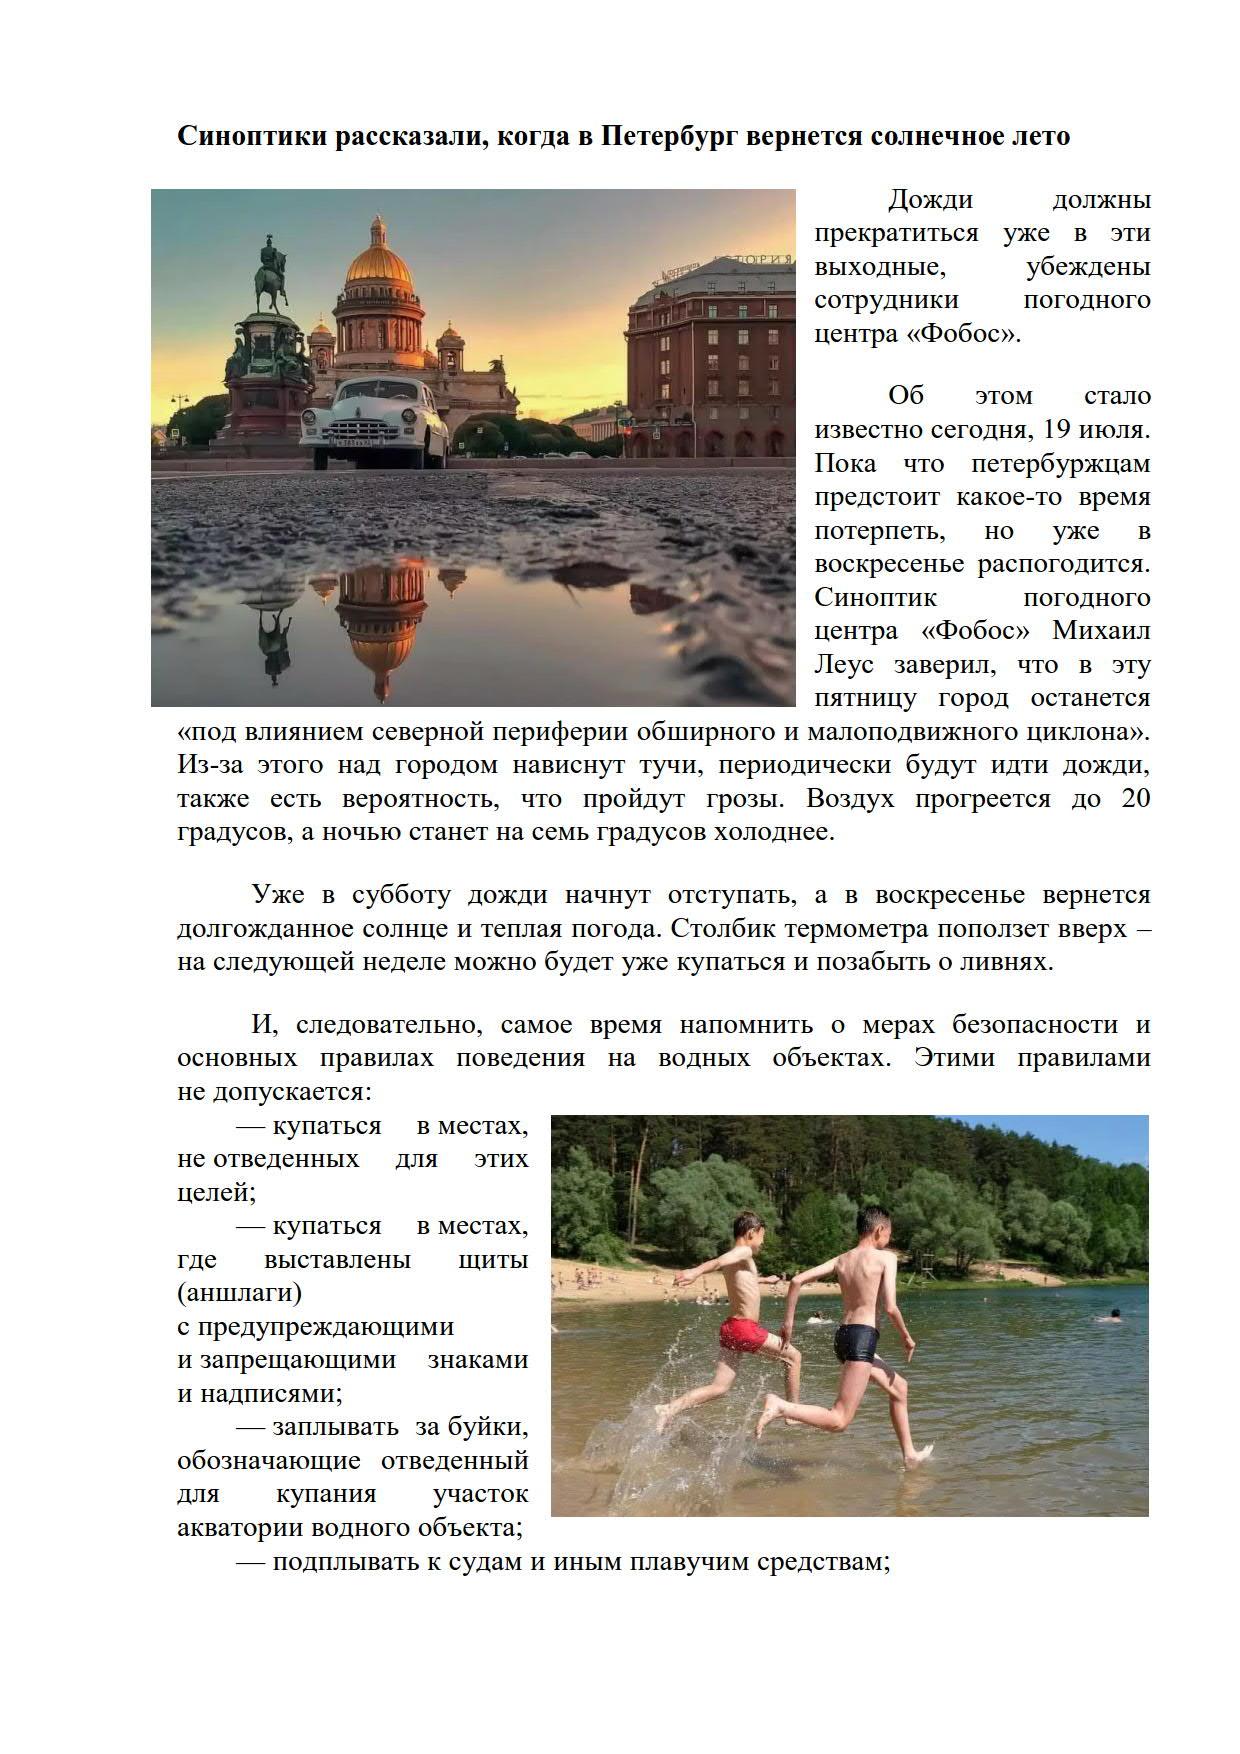 В СПб возвращается лето_1